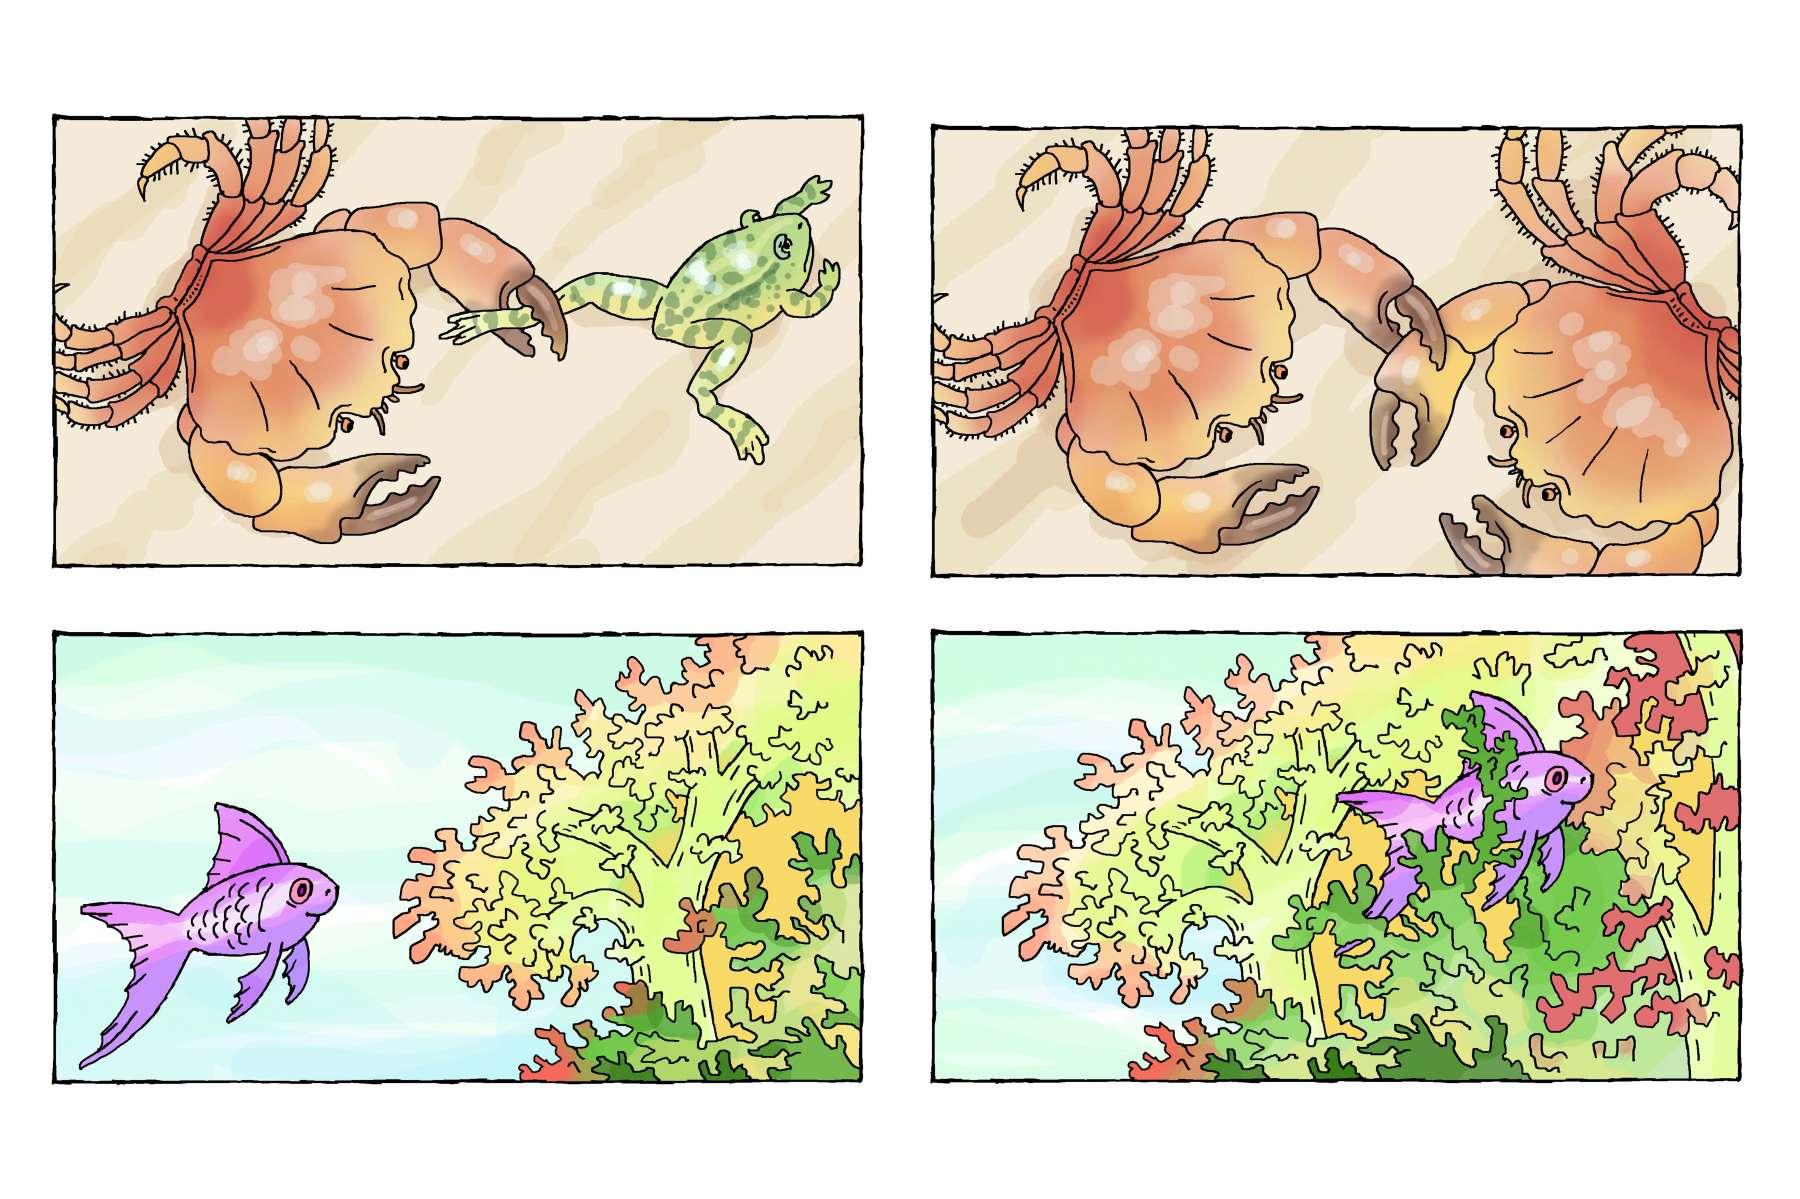 de krab vangt een kikker - de krab vangt een krab<br>de vis zwemt naar het koraal - de vis zwemt in het koraal